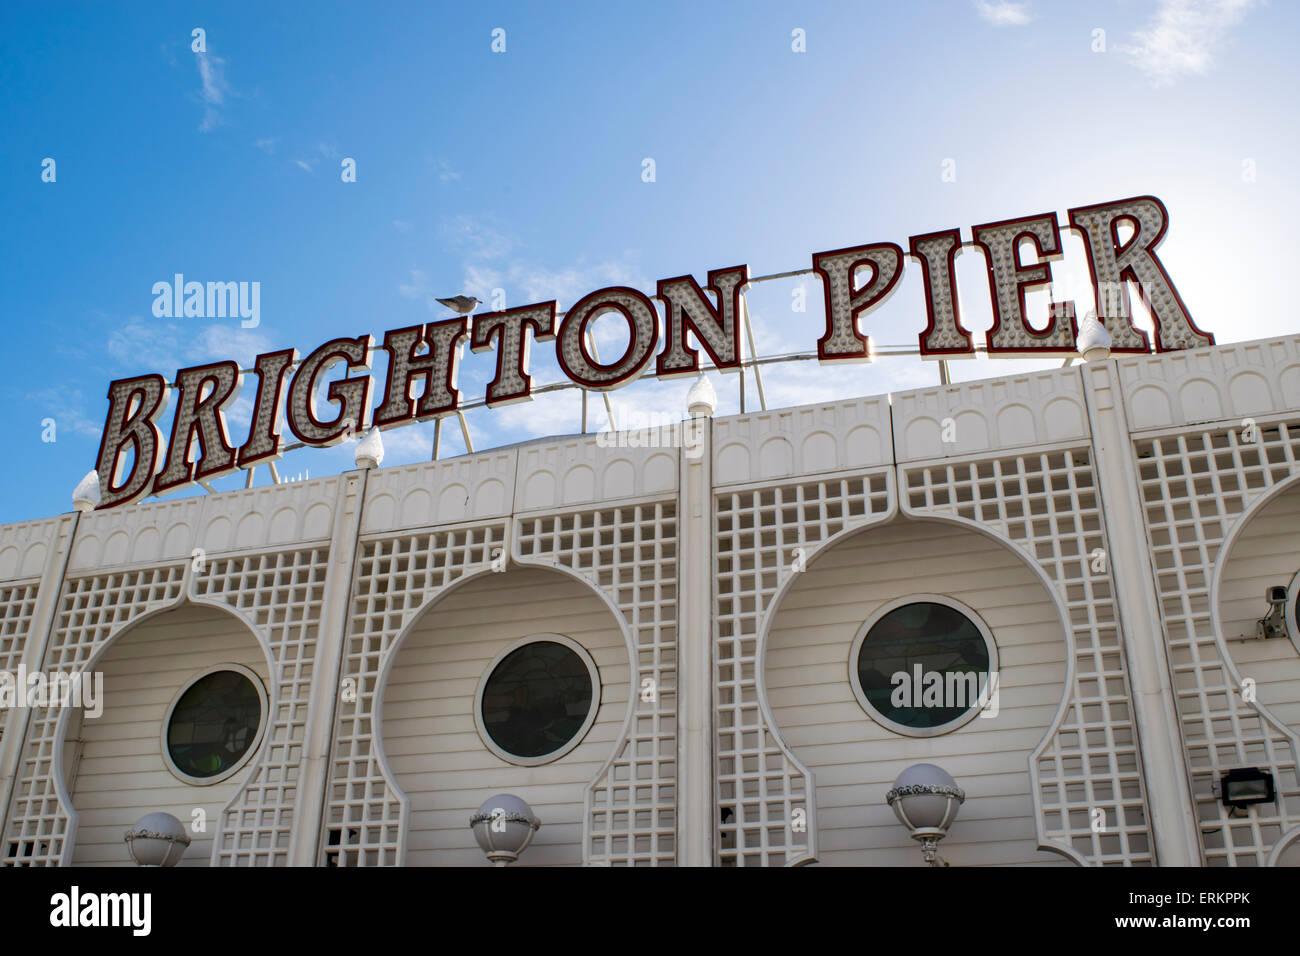 Brighton Pier - Stock Image